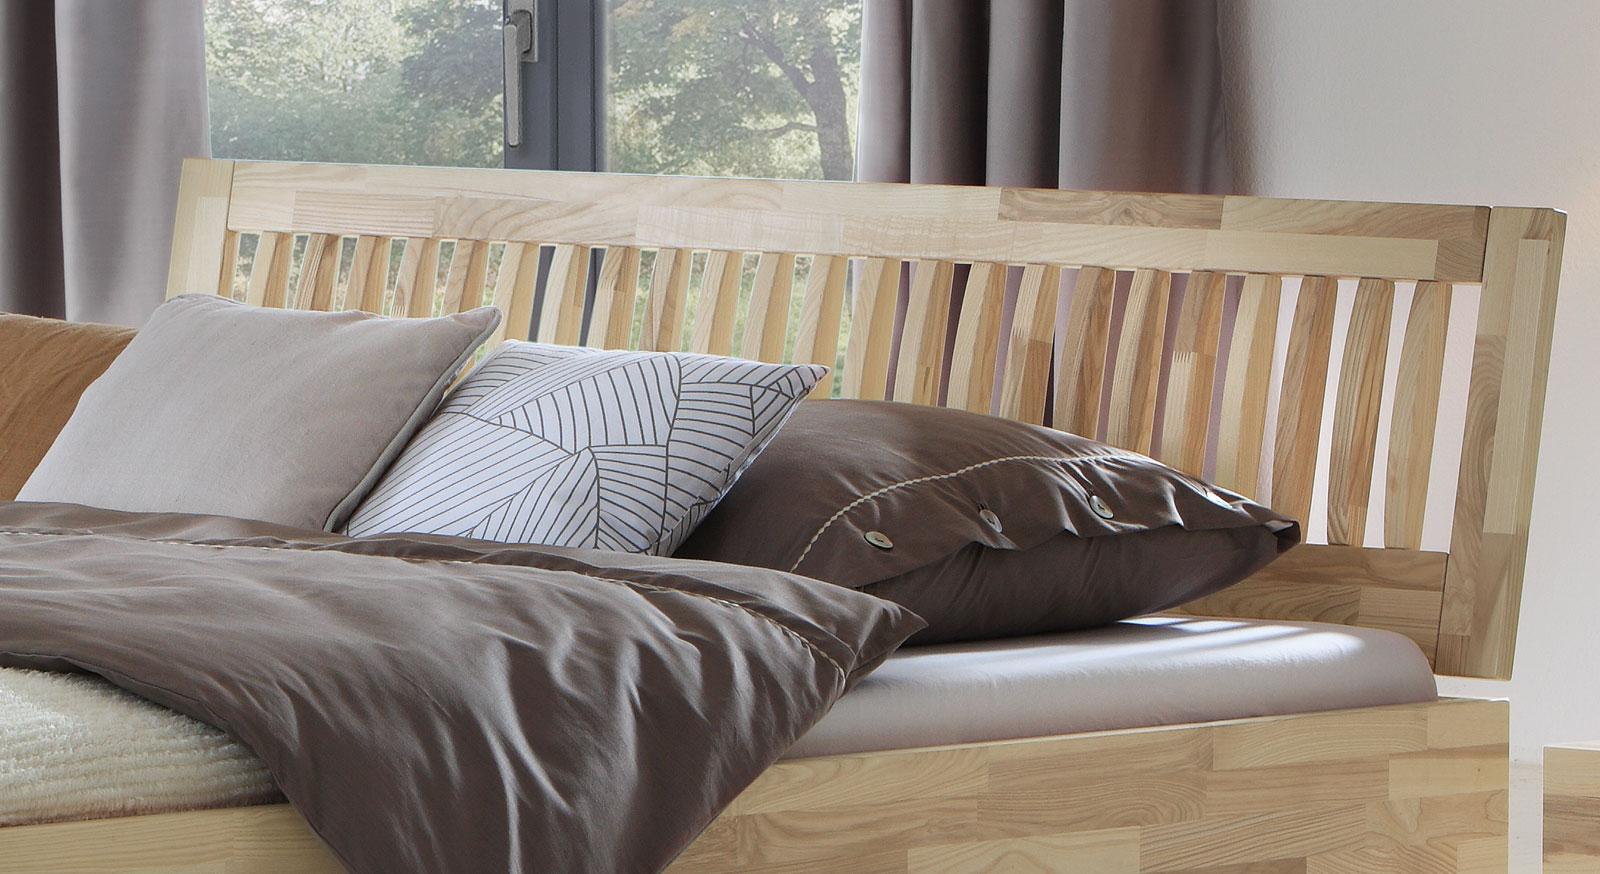 Wandgestaltung Wohnzimmer Rote Couch Hinter Boxspringbett Bett Mit Kleiderschrank Foto